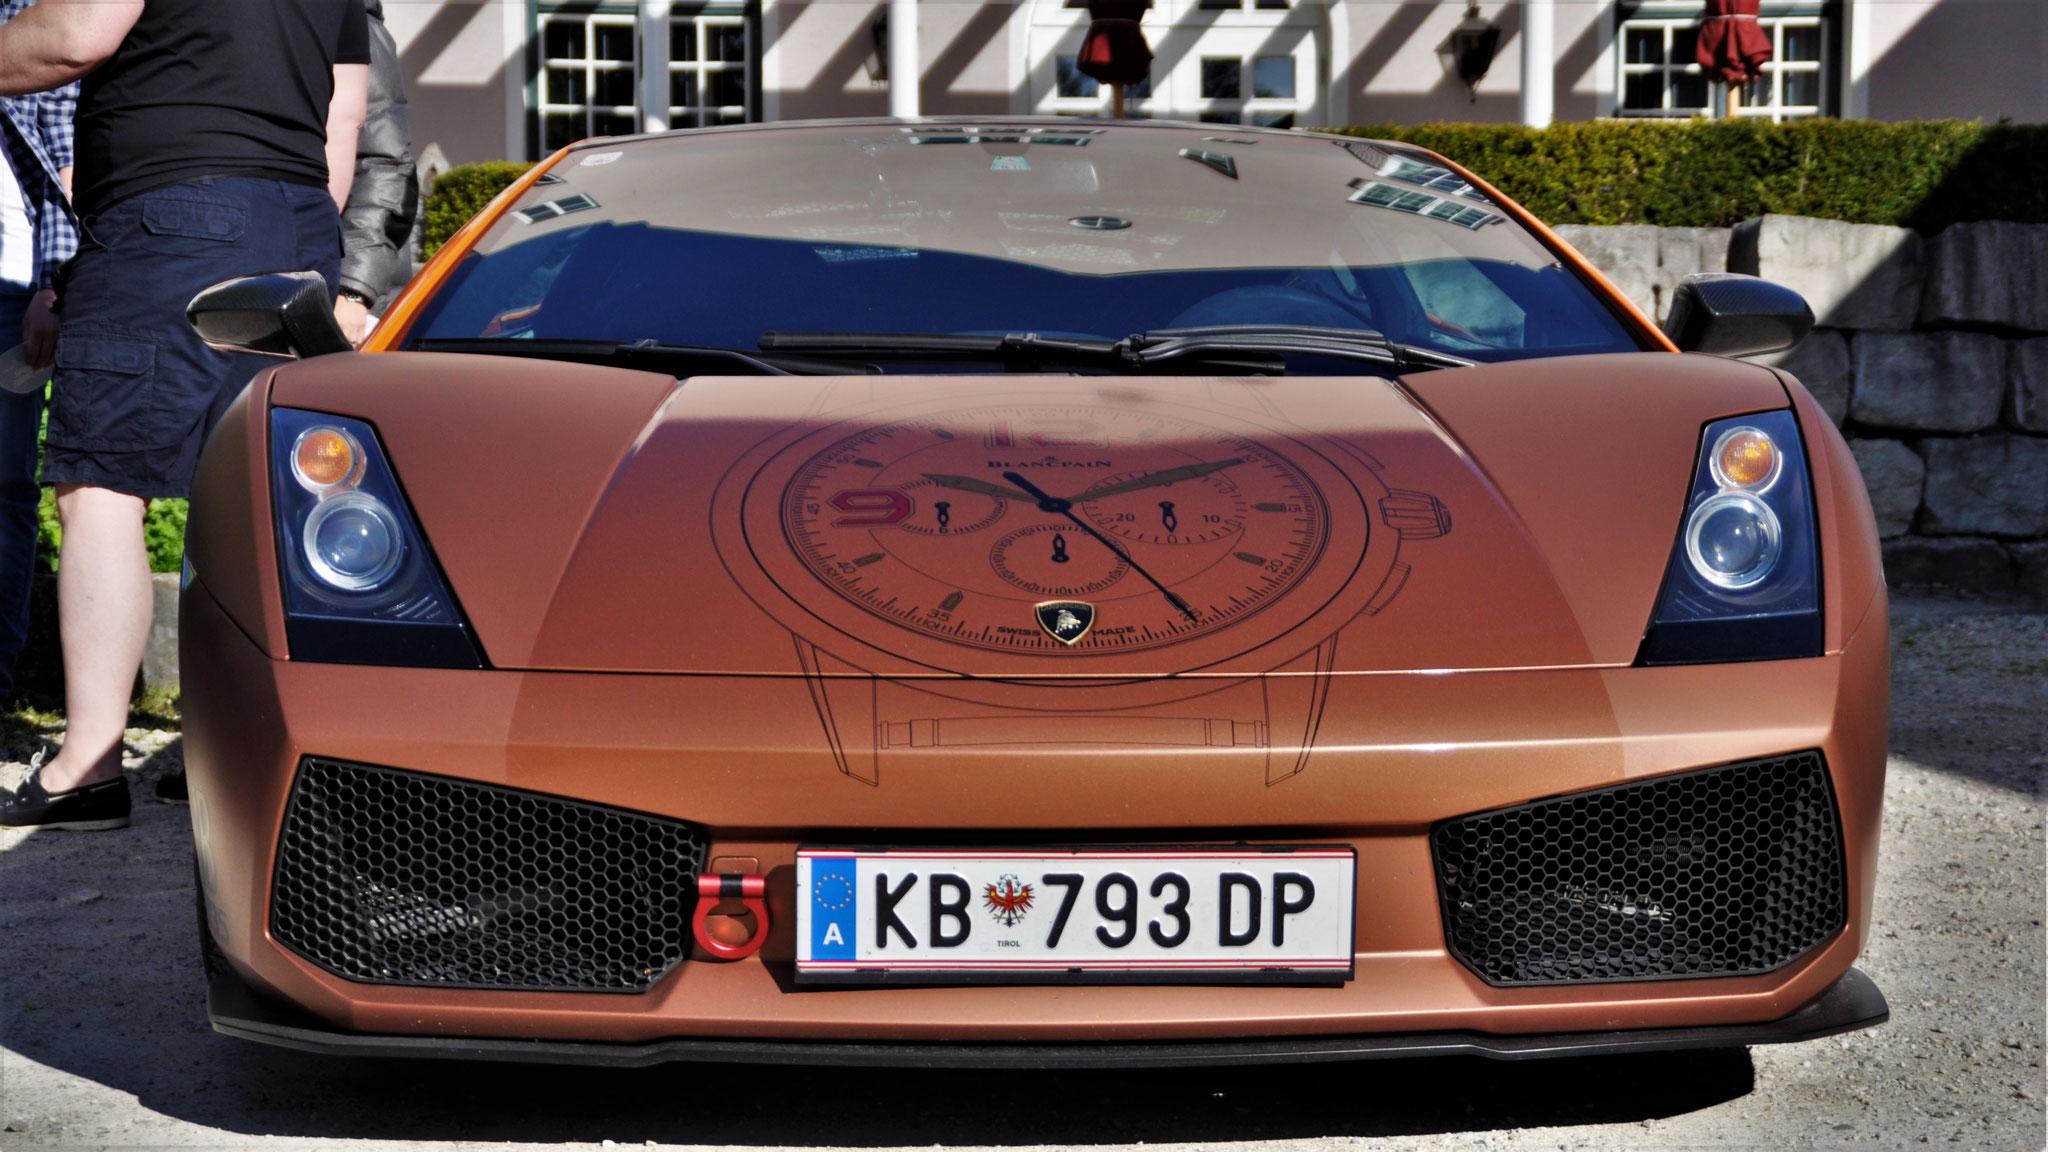 Lamborghini Gallardo Superleggera - KB-793-DP (AUT)